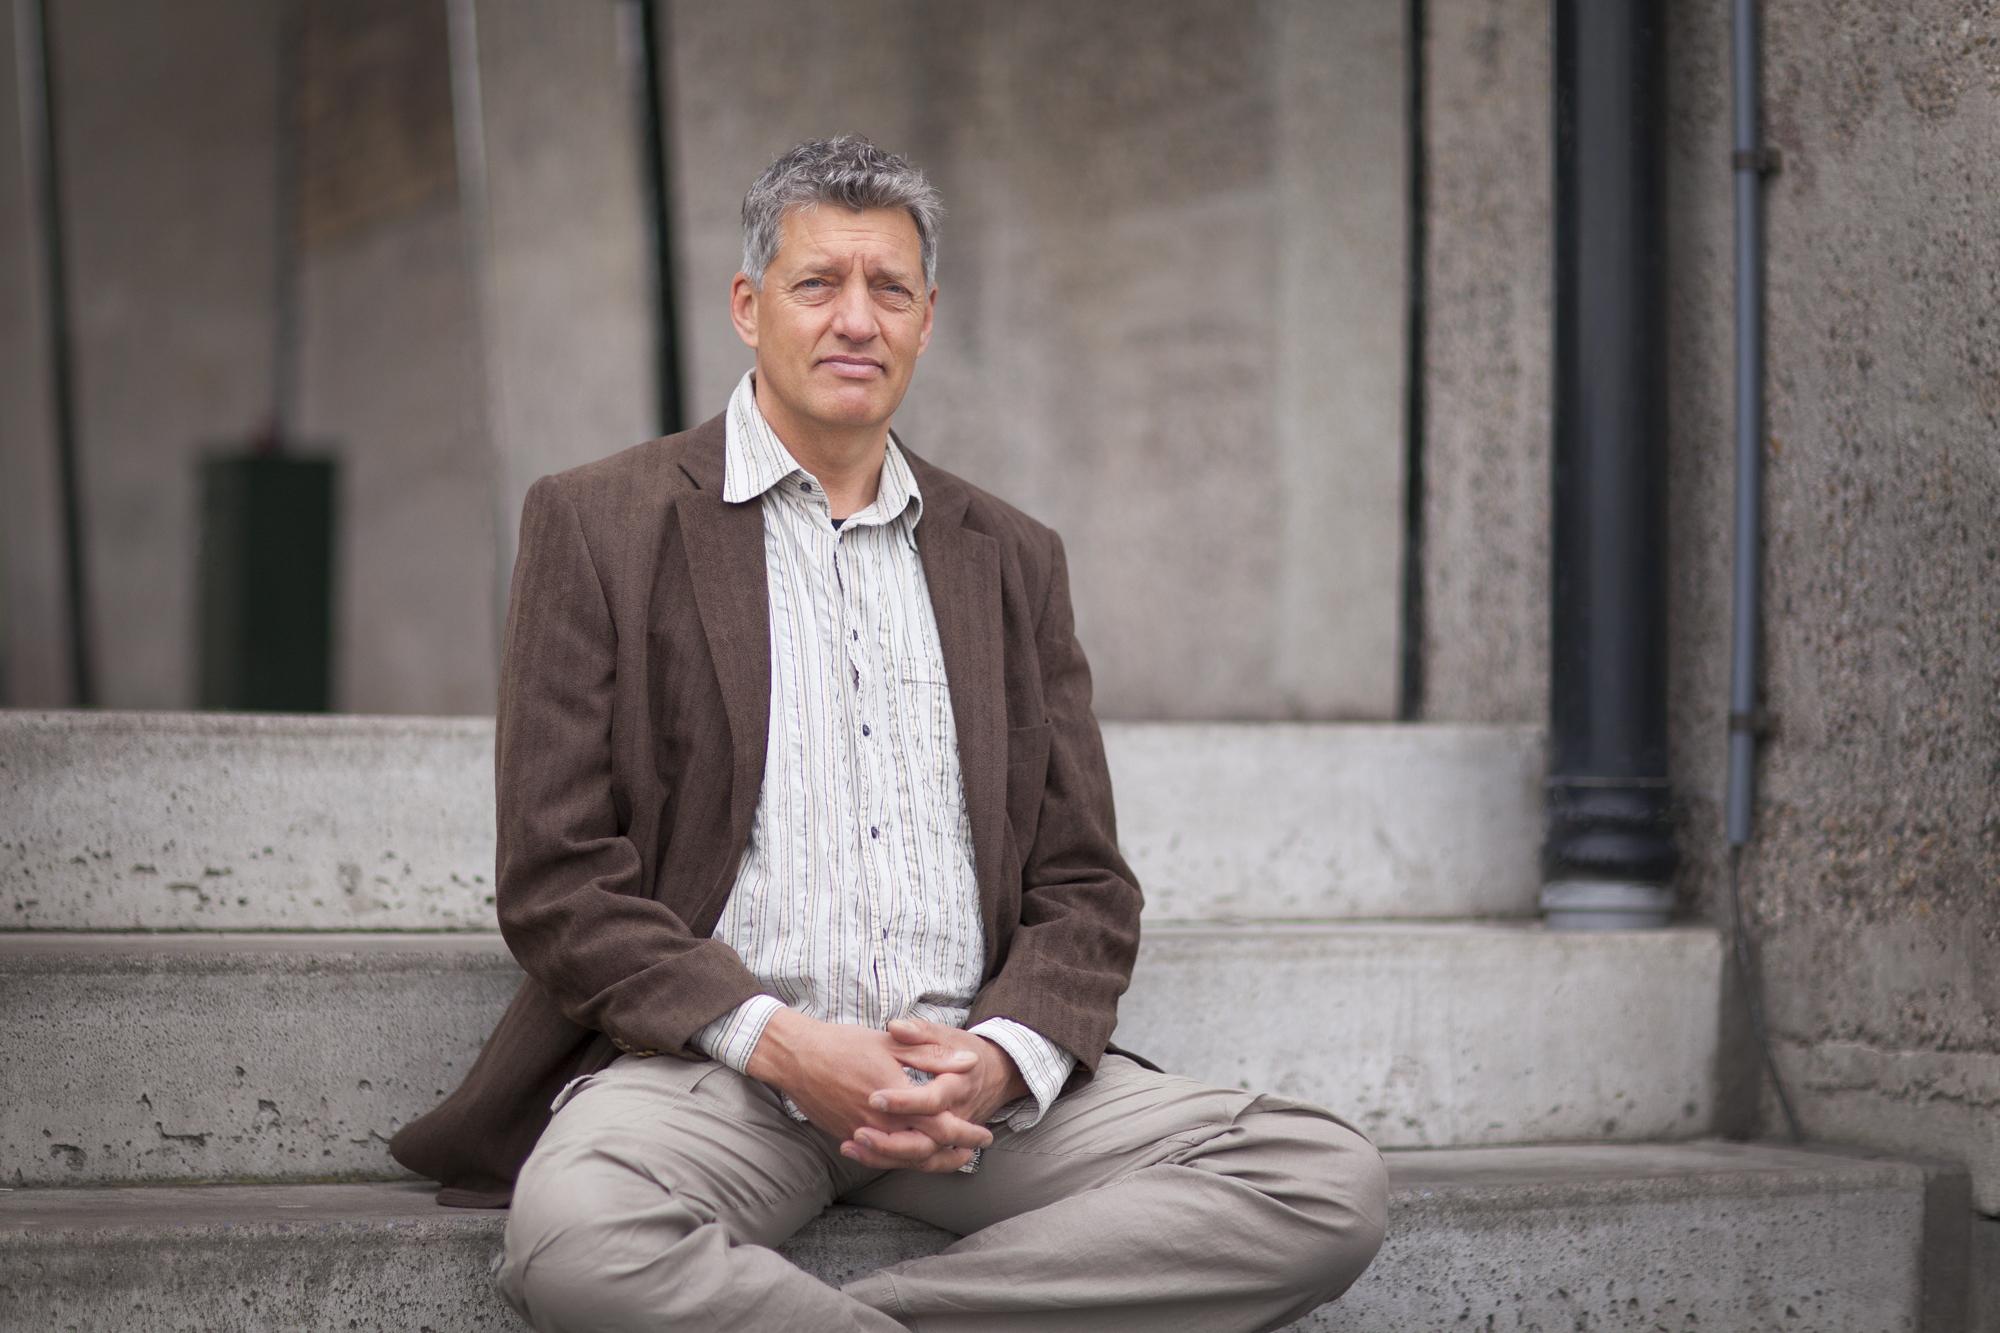 Jan Willem Boelens, Mindfullness